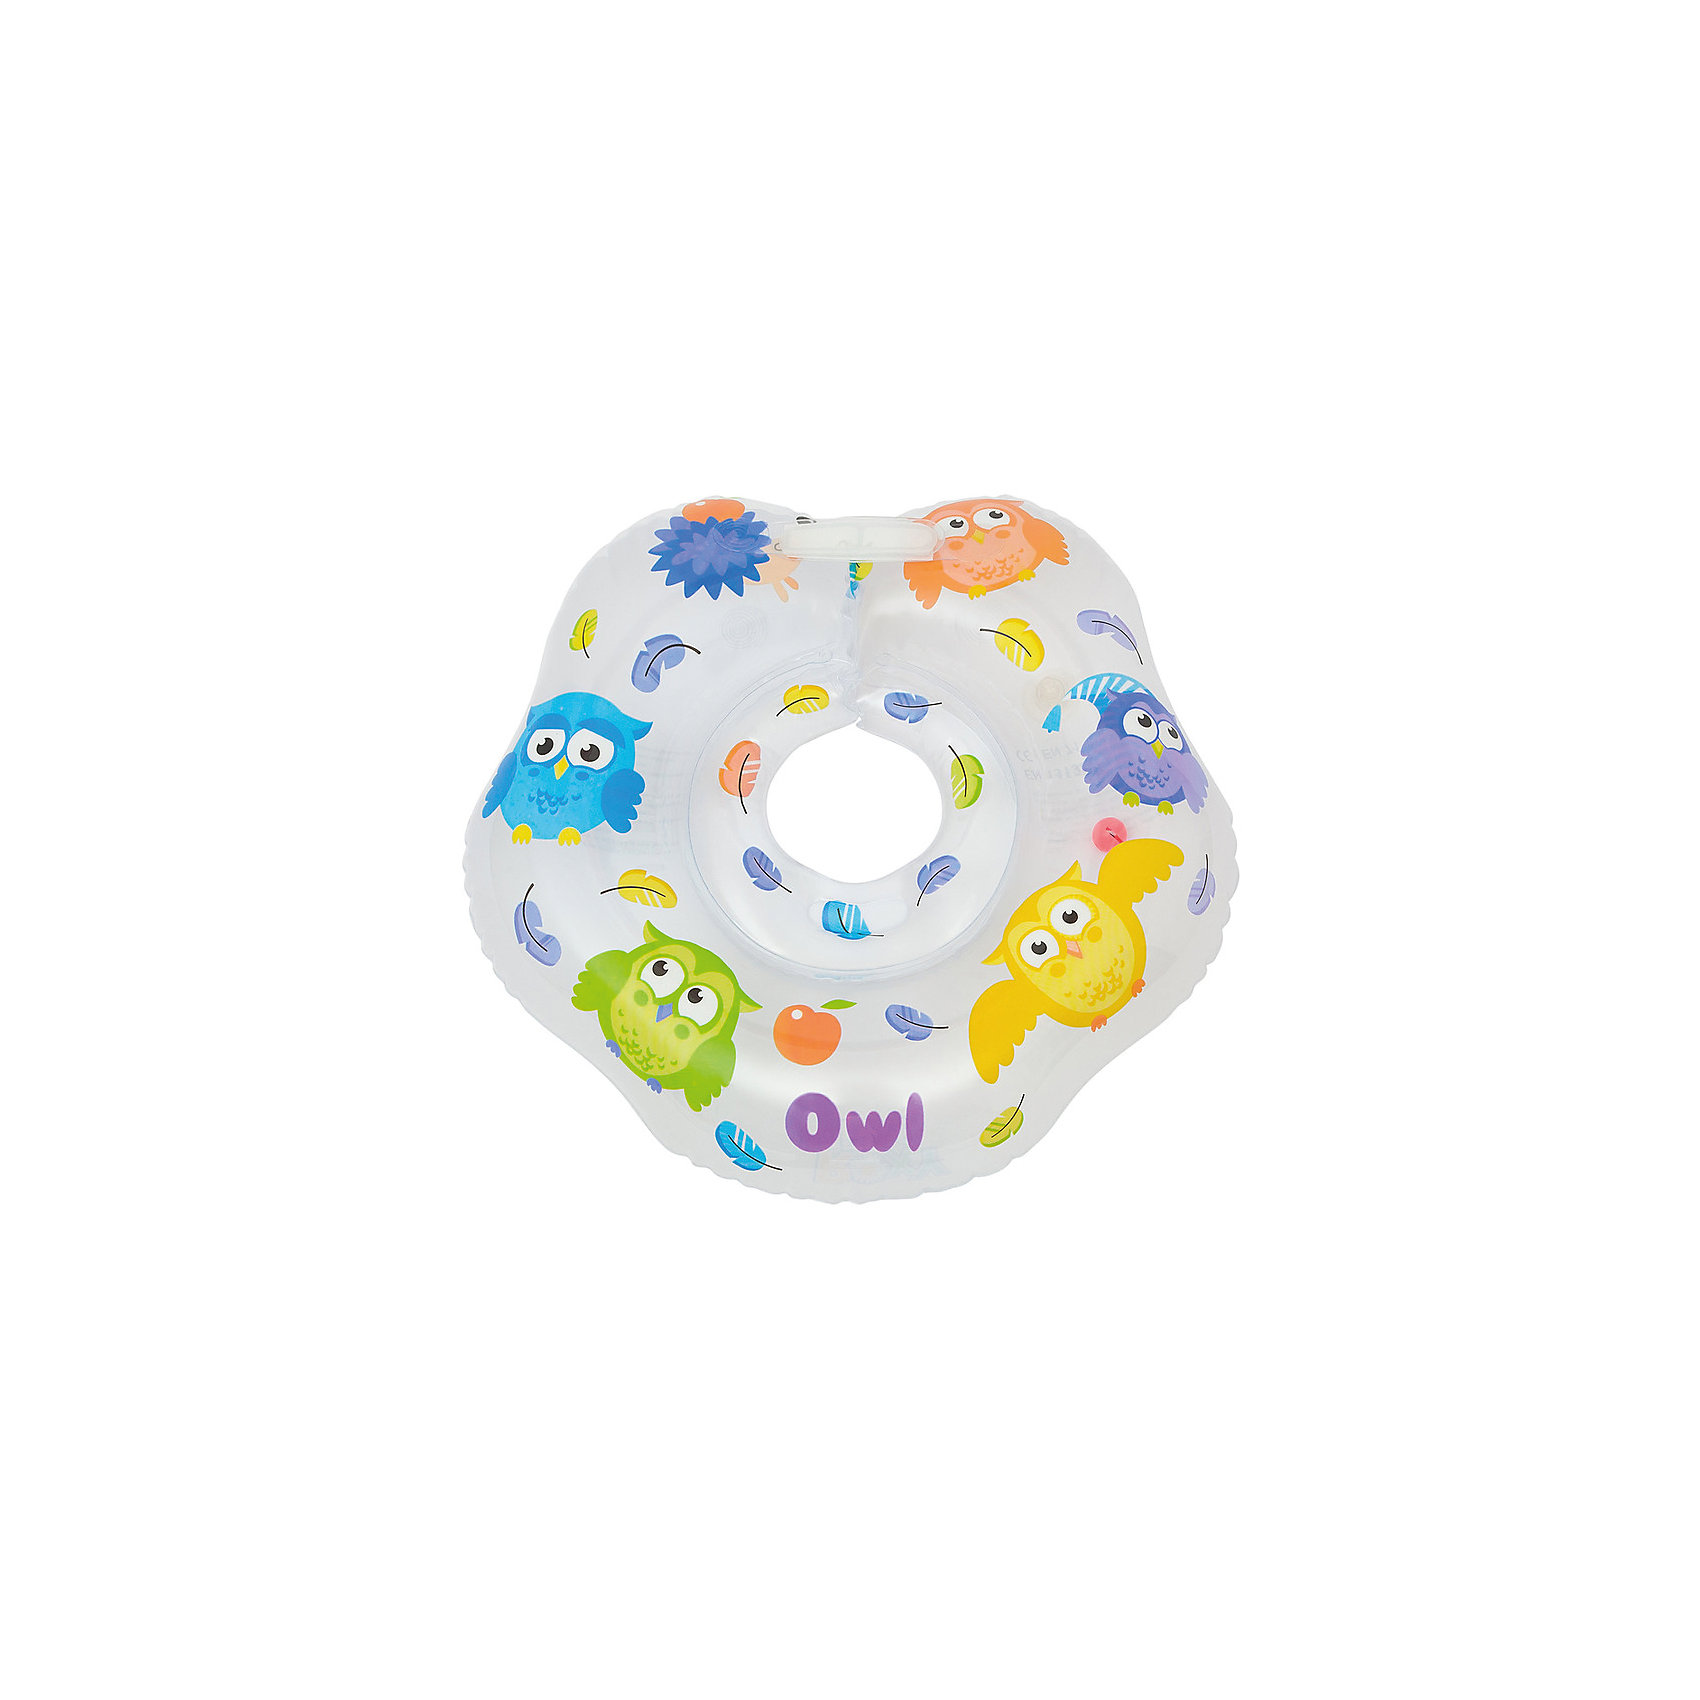 Круг на шею для купания Owl, Roxy-KidsКруги для купания малыша<br>Круг на шею для купания Owl, Roxy-Kids.<br><br>Характеристики:<br><br>• Для детей в возрасте: от 0 до 18 месяцев<br>• Максимальная нагрузка: 18 кг.<br>• Размер: 42 х 39 см.<br>• Материал: ПВХ<br>• Размер упаковки: 15 х 15 х 0,5 см.<br>• Вес: 0,2 кг.<br><br>Круг на шею для купания Owl, Roxy-Kids предназначен для самых юных купальщиков. Он выполнен из безопасного гипоаллергенного материала, окрашен специальными красителями, которые не смываются водой и долгое время сохраняют свою яркость. Круг состоит из одинарной воздушной камеры, внутри которой находится шарик-погремушка. Удобная выемка для подбородка препятствует попаданию воды в рот малыша, внутренний диаметр круга регулируется надежной застежкой на липучках и карабином. Круг учитывает характерные физиологические особенности маленьких купальщиков. Гладкий внутренний шов круга не сдавливает и не царапает шею малыша, плотно прилегает к ней, не допуская травмирование хрупких шейных позвонков новорожденных. Круг Owl, Roxy-Kids рассчитан на регулярное использование малышам весом до 18 кг. Осваивать водные просторы с кругом для купания Owl, Roxy-Kids — интересно, весело и безопасно! Родители тоже оценят преимущества круга, теперь им не придется держать малыша в воде на руках все время!<br><br>Круг на шею для купания Owl, Roxy-Kids можно купить в нашем интернет-магазине.<br><br>Ширина мм: 150<br>Глубина мм: 5<br>Высота мм: 150<br>Вес г: 200<br>Возраст от месяцев: 0<br>Возраст до месяцев: 18<br>Пол: Унисекс<br>Возраст: Детский<br>SKU: 5578869